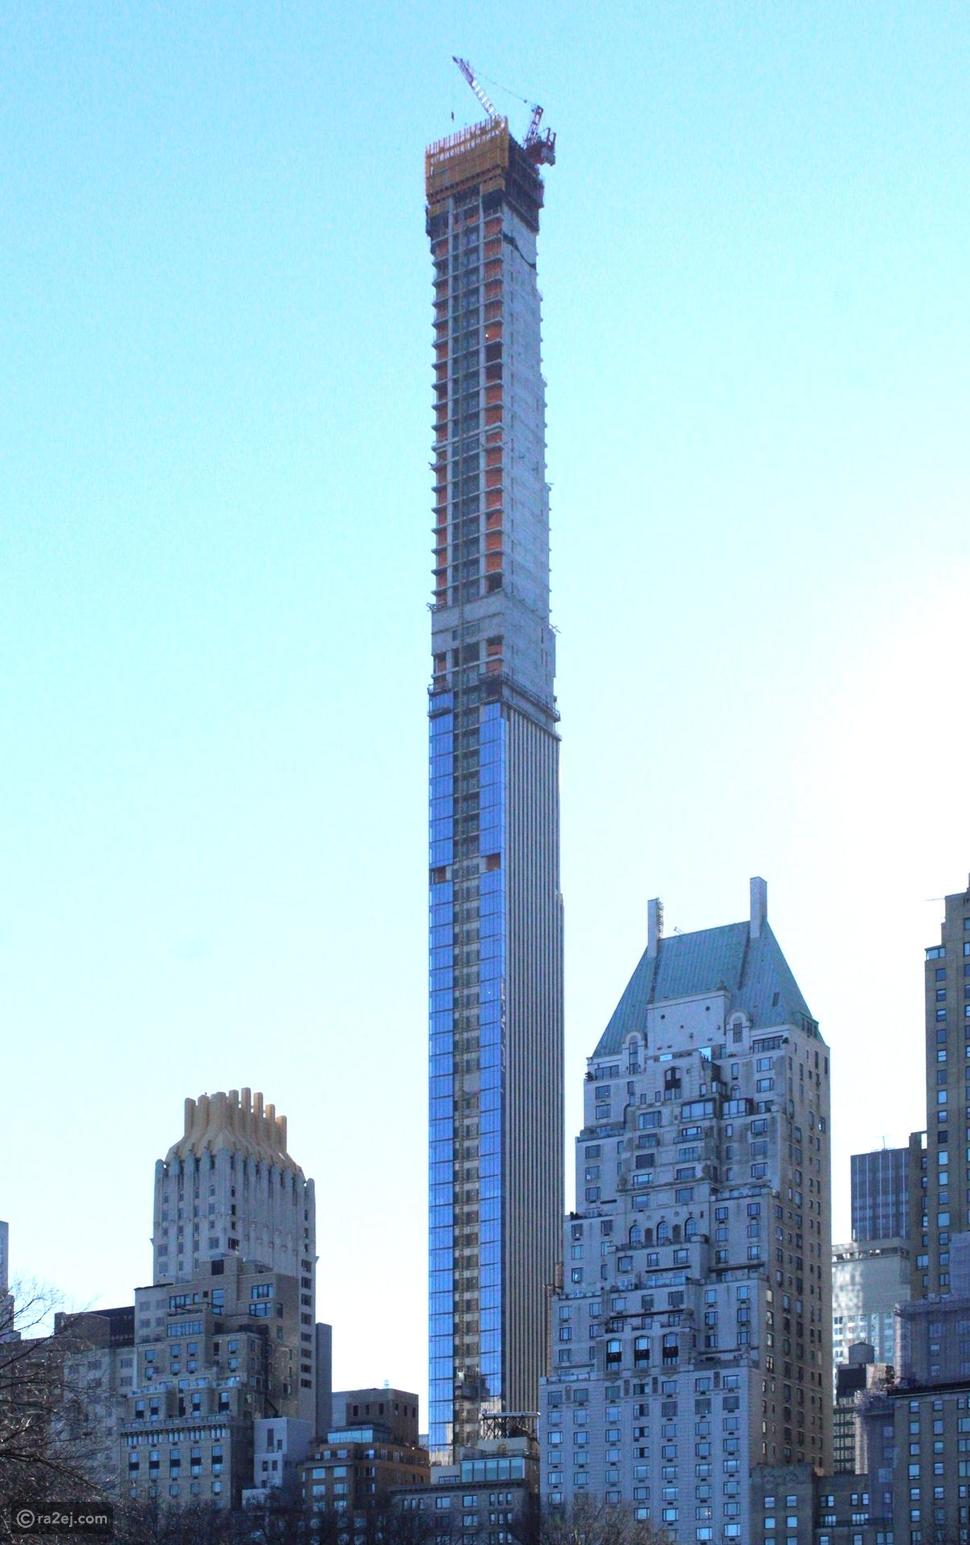 قصة أنحف برج في العالم: الطابق به متاح لساكن واحد فقط